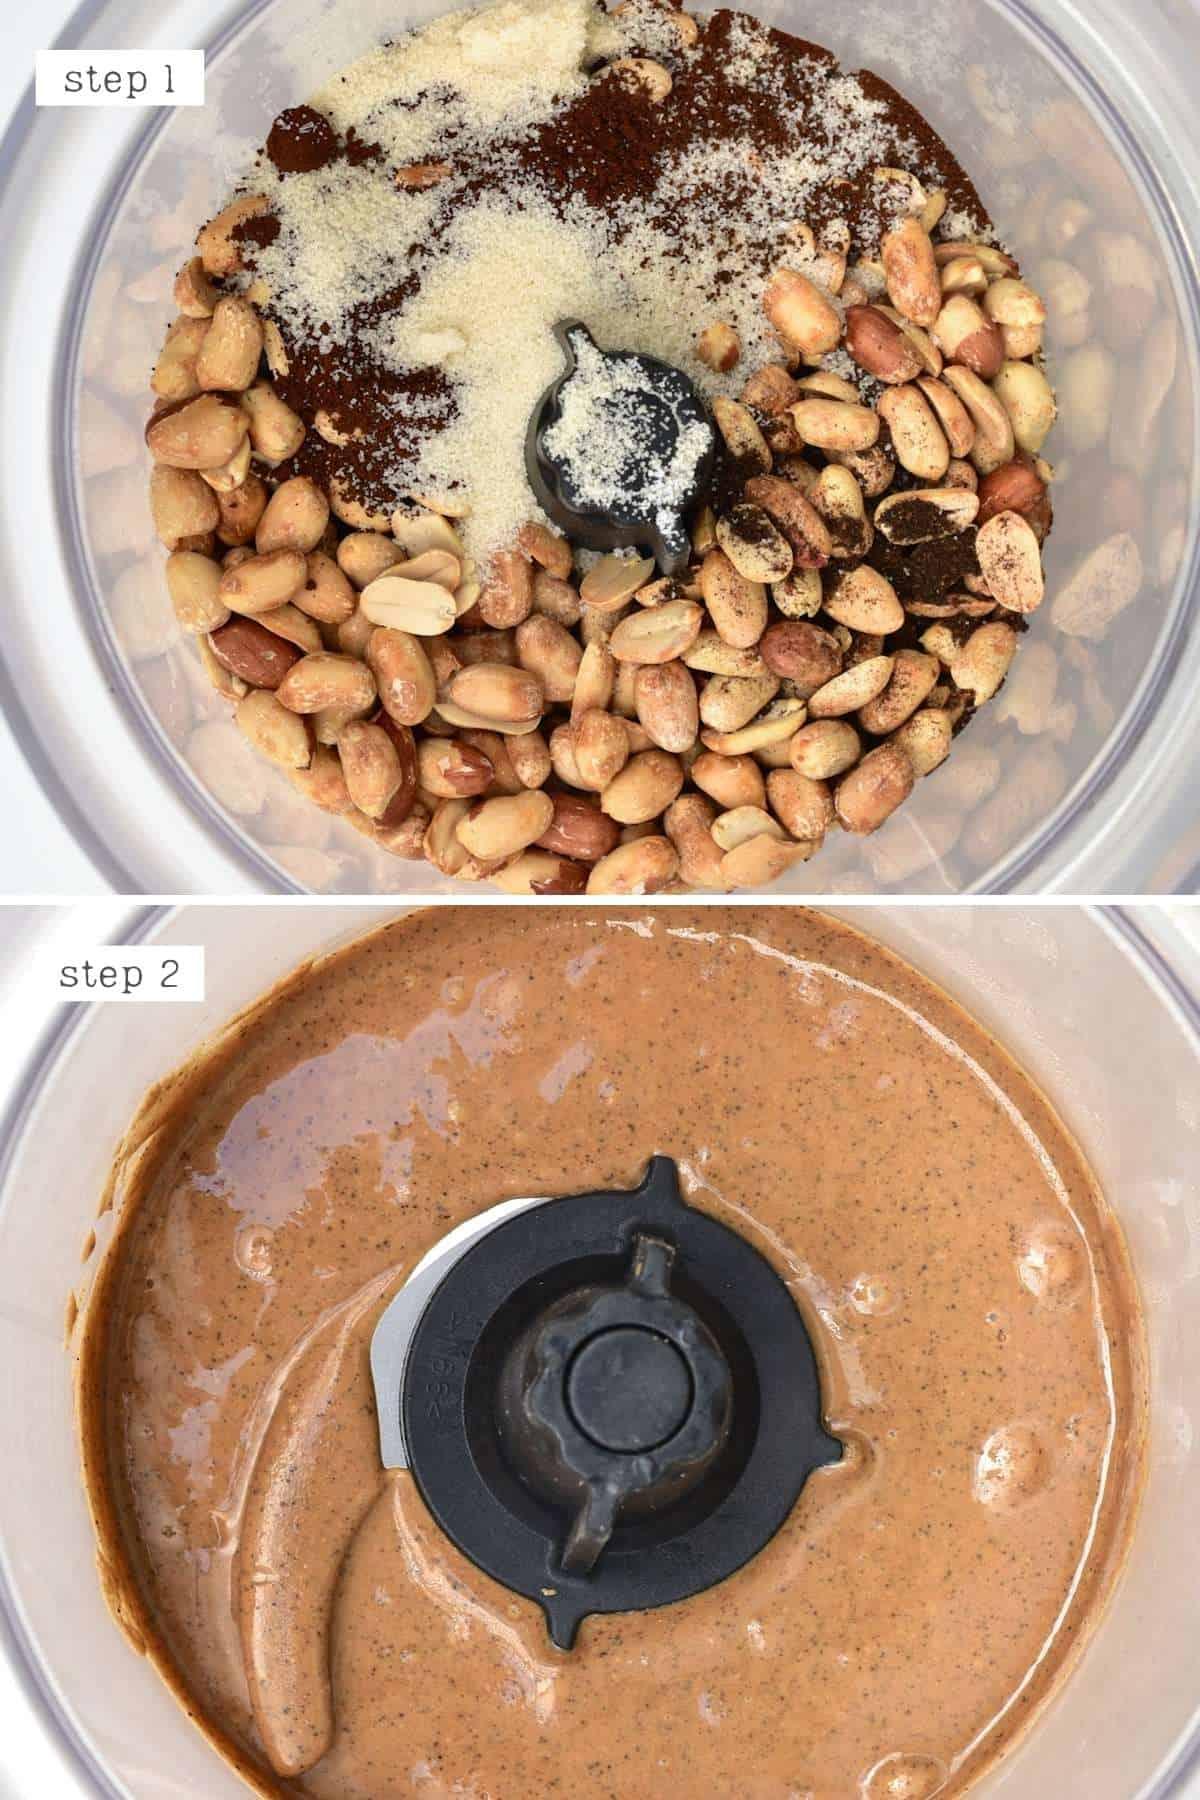 Steps for blending coffee peanut butter